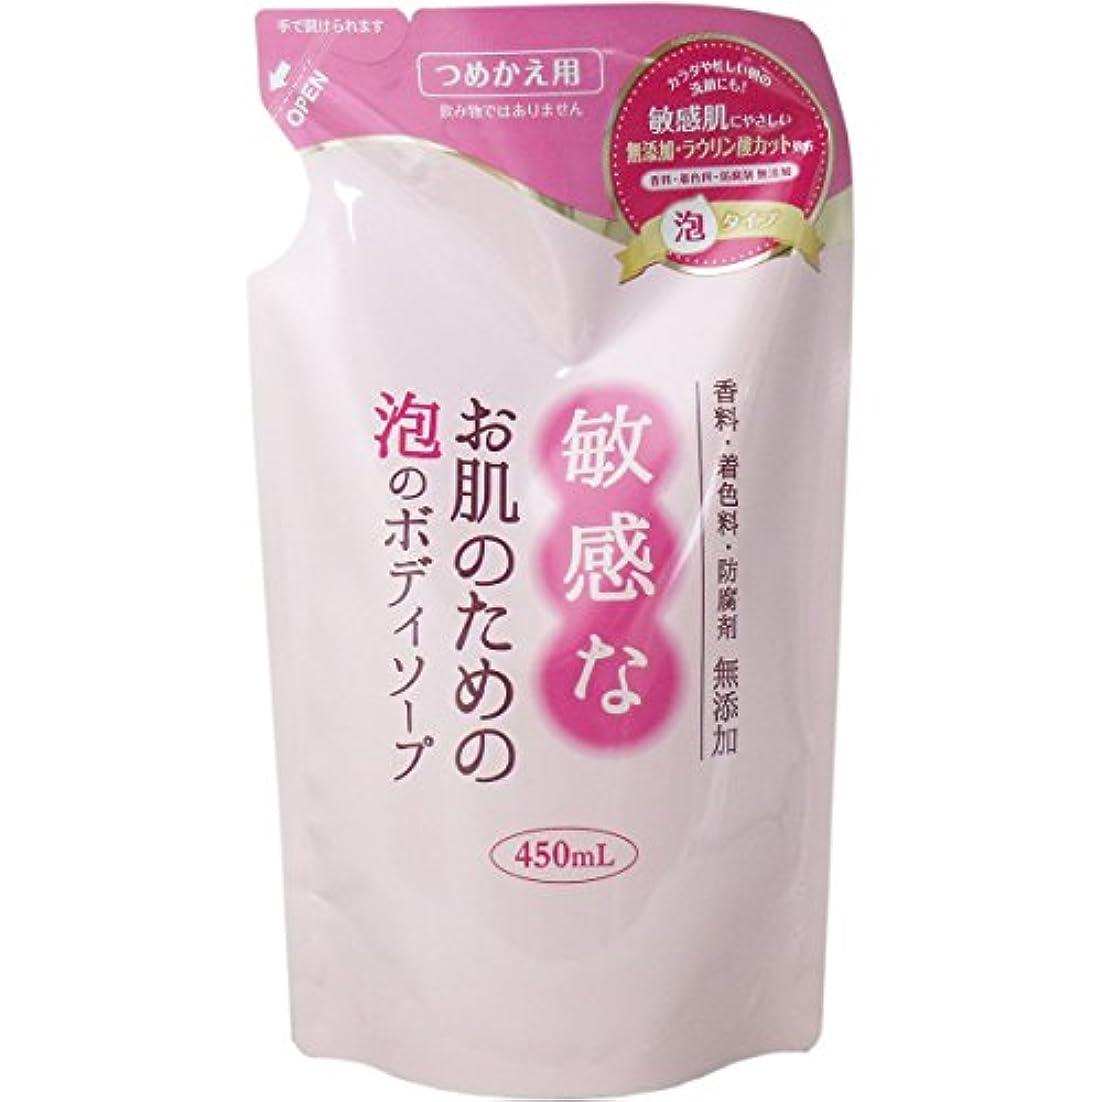 気をつけての経由で敏感なお肌のための泡のボディソープ 詰替 450mL CBH-FBR